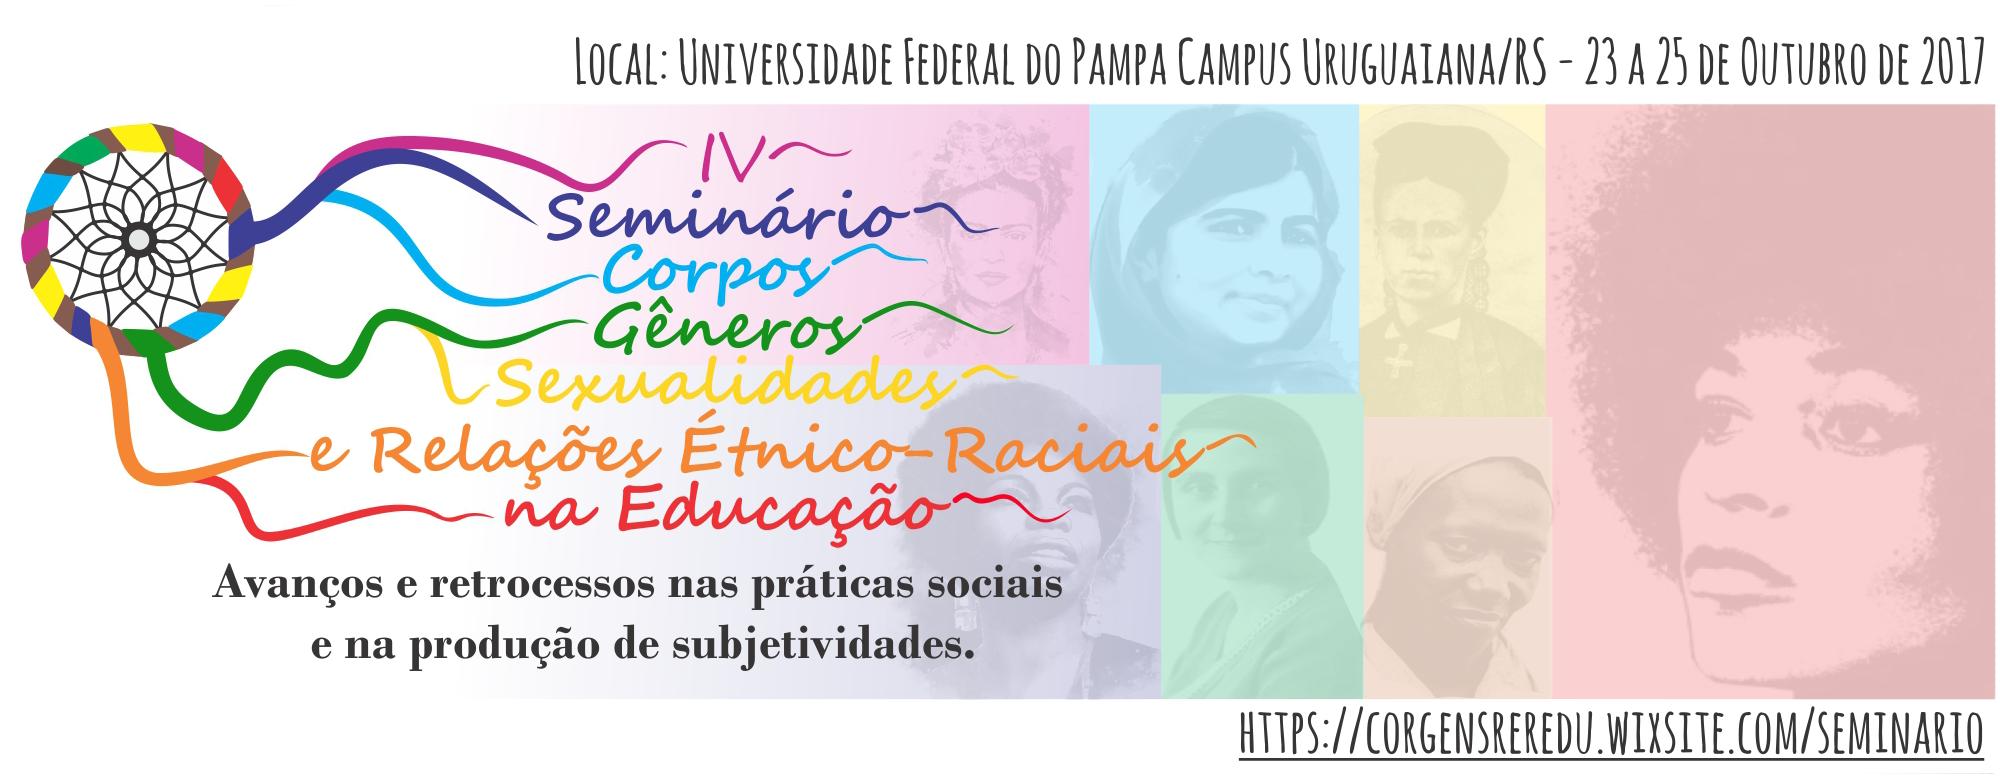 Campus Uruguaiana promove seminário sobre questões de gênero e étnico-raciais na educação